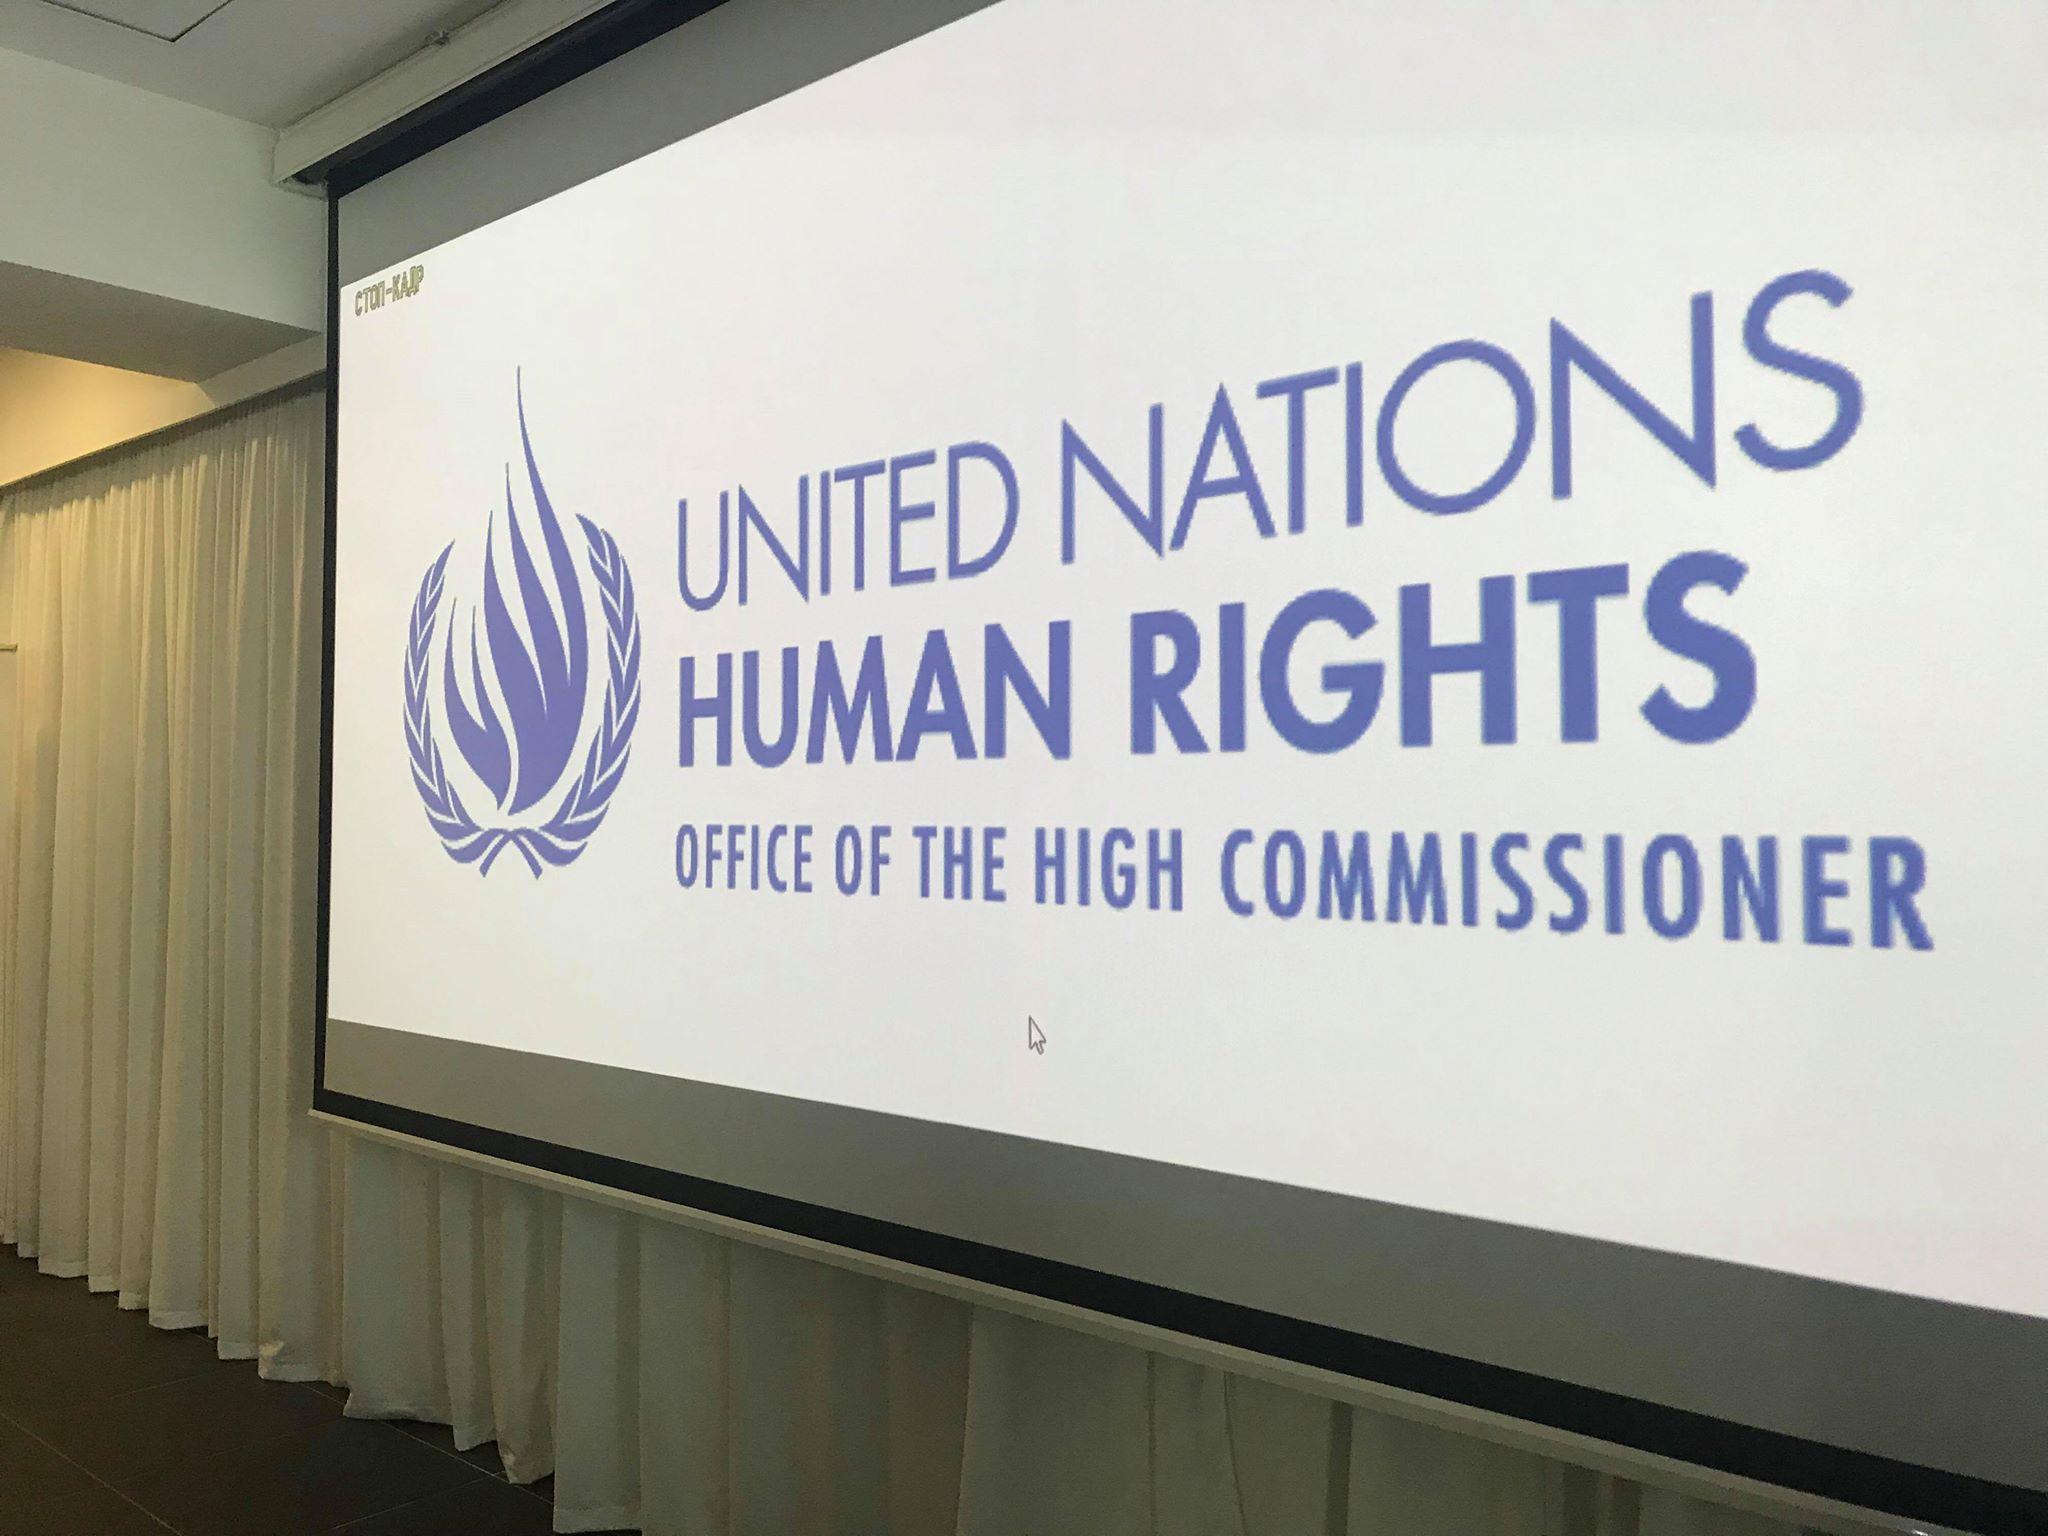 """Адвокати <span class=""""equity"""">EQUITY</span> відвідали 23 доповідь Управління Верховного комісара ООН з прав людини"""